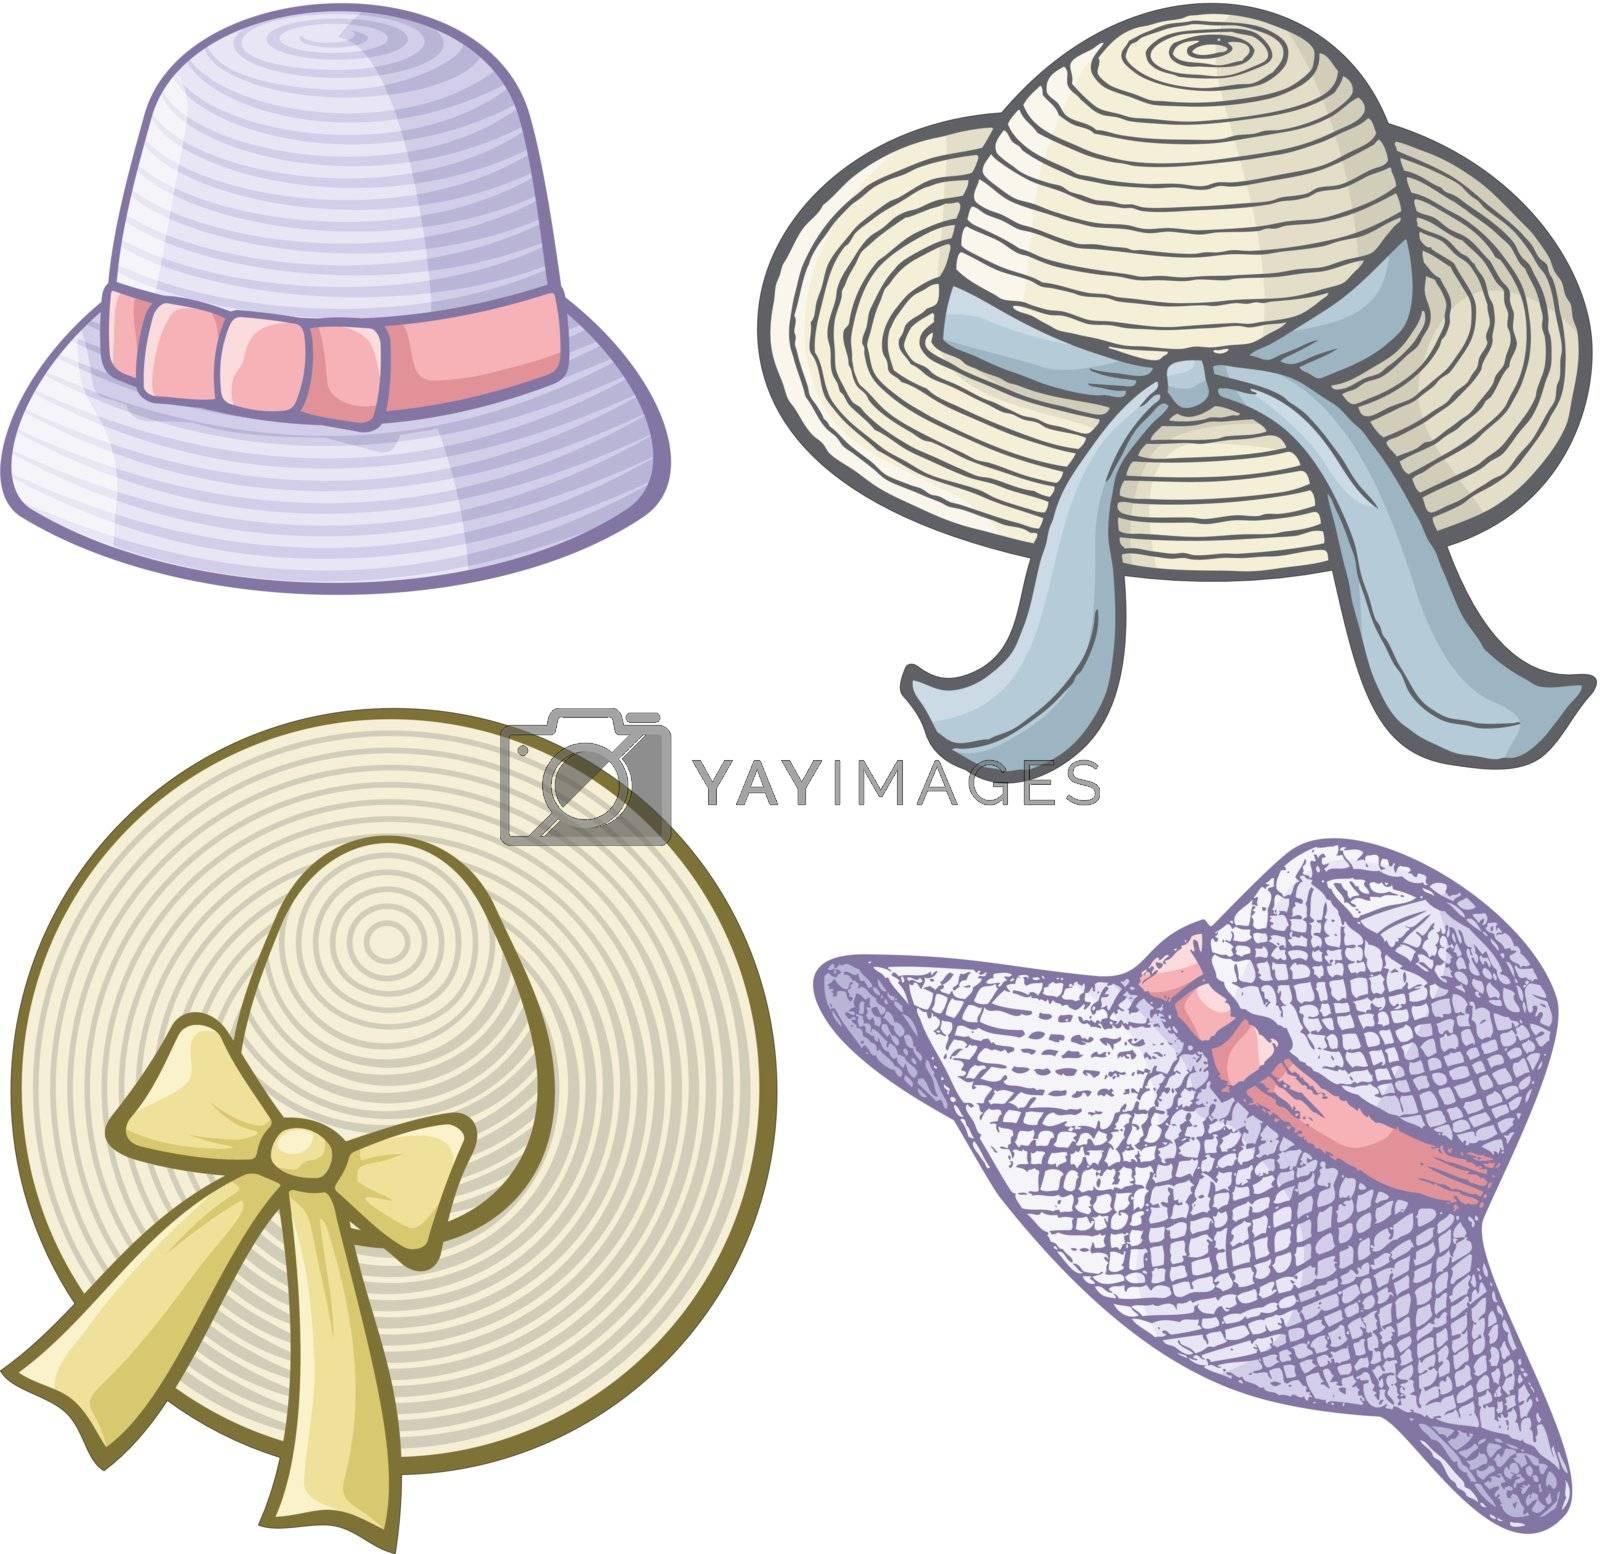 Women hats by sifis